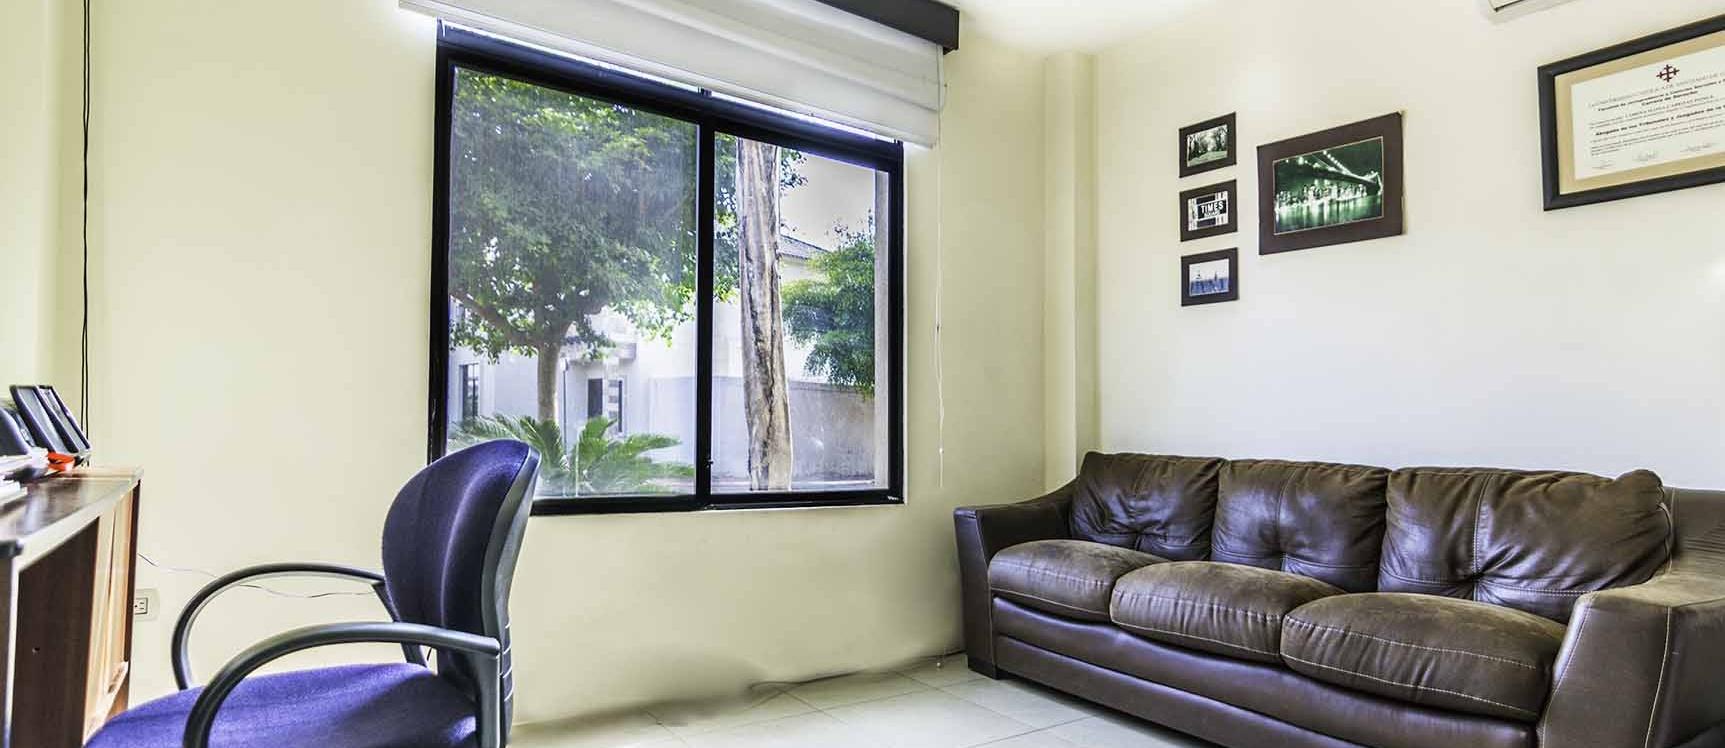 GeoBienes - Casa en venta en Bosques de la Costa vía a la Costa - Guayaquil - Plusvalia Guayaquil Casas de venta y alquiler Inmobiliaria Ecuador